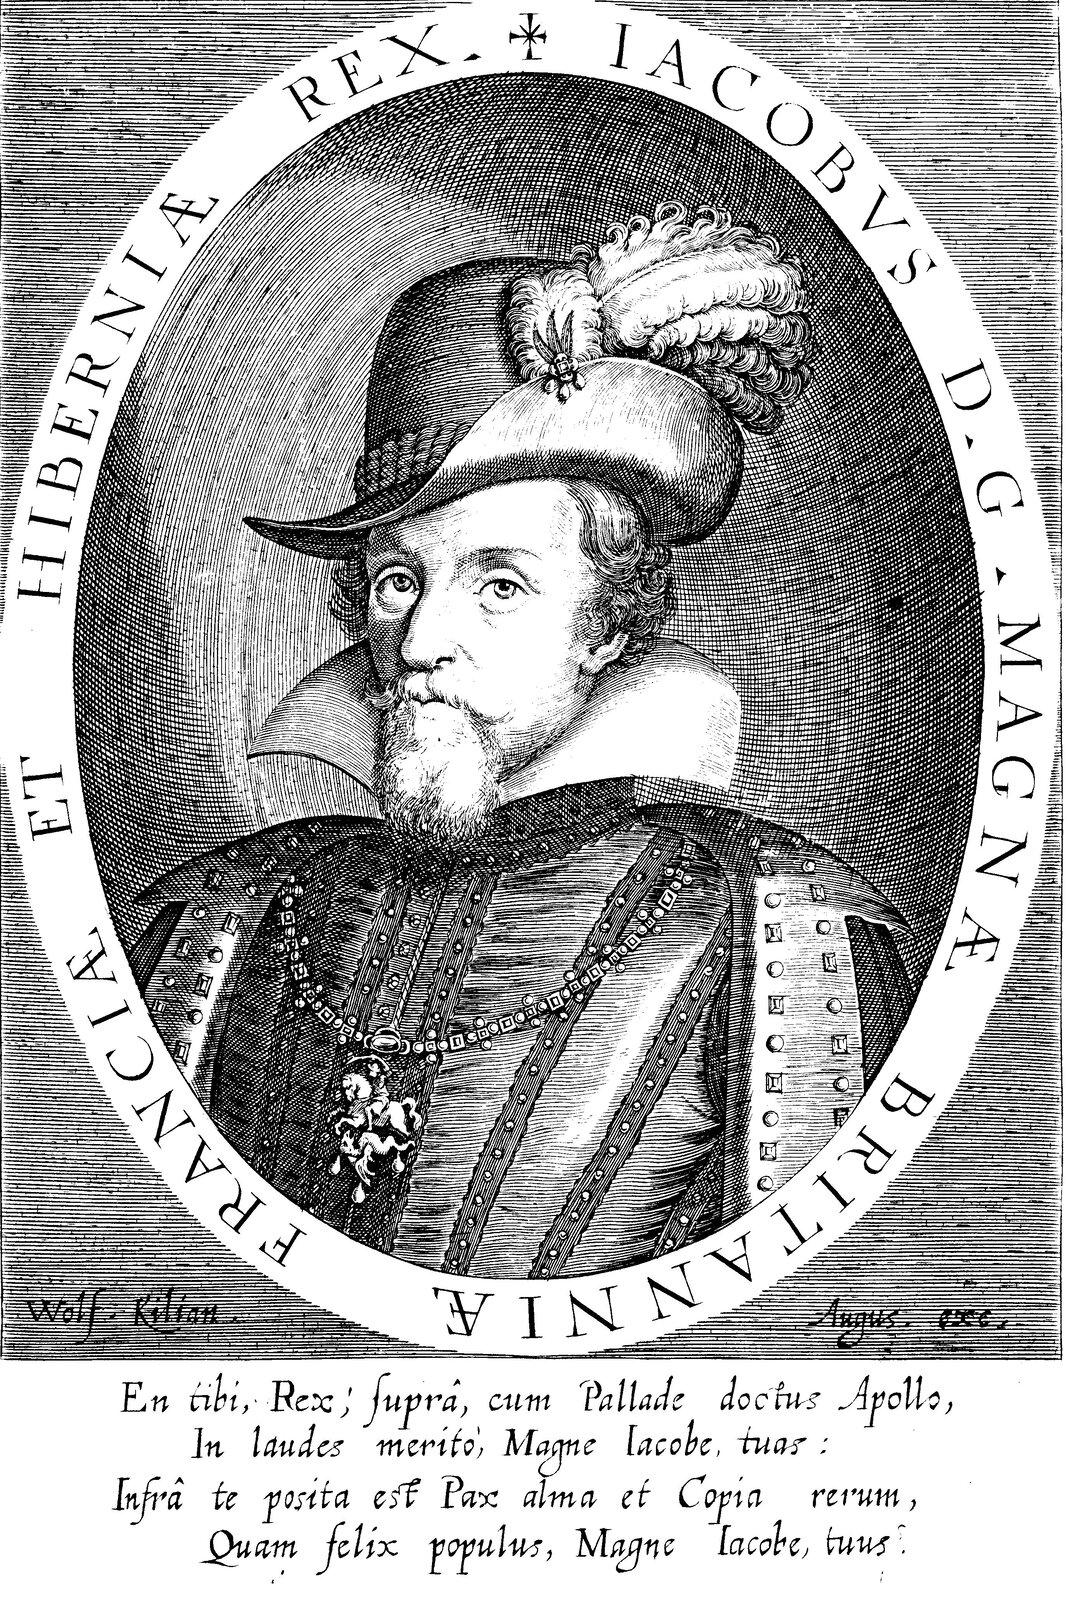 Portret króla Jakuba IAngielskiego iJakuba VI Szkockiego Źródło: Wolfgang Kilian, Portret króla Jakuba IAngielskiego iJakuba VI Szkockiego, ok. 1610–1630, miedzioryt, domena publiczna.